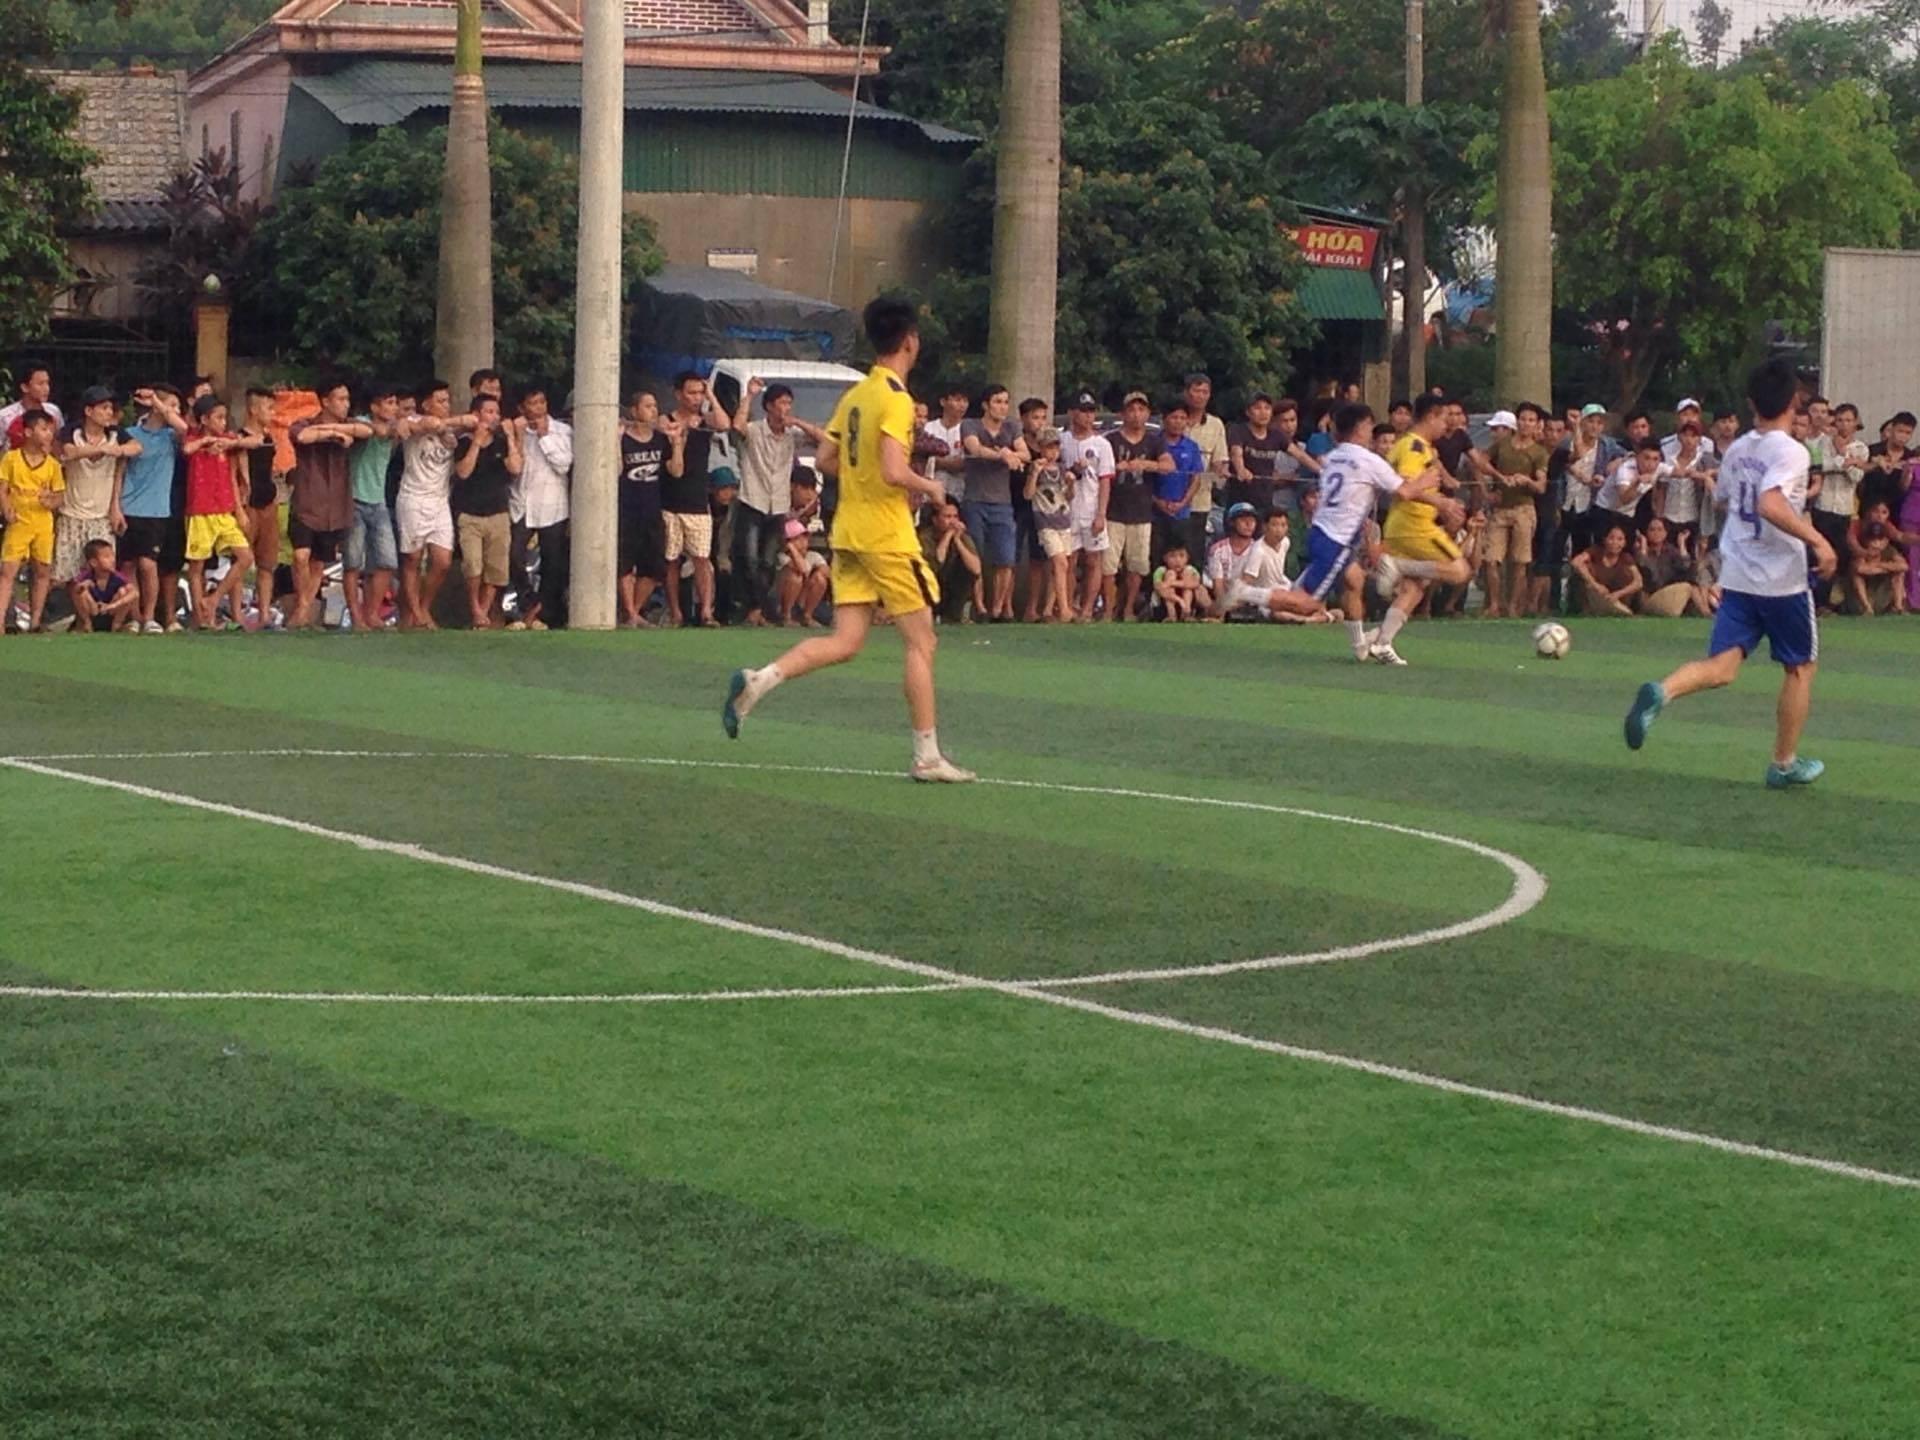 Tuấn Hưng đấu bóng ở Hà Tĩnh gây quỹ ủng hộ ngư dân - Ảnh 2